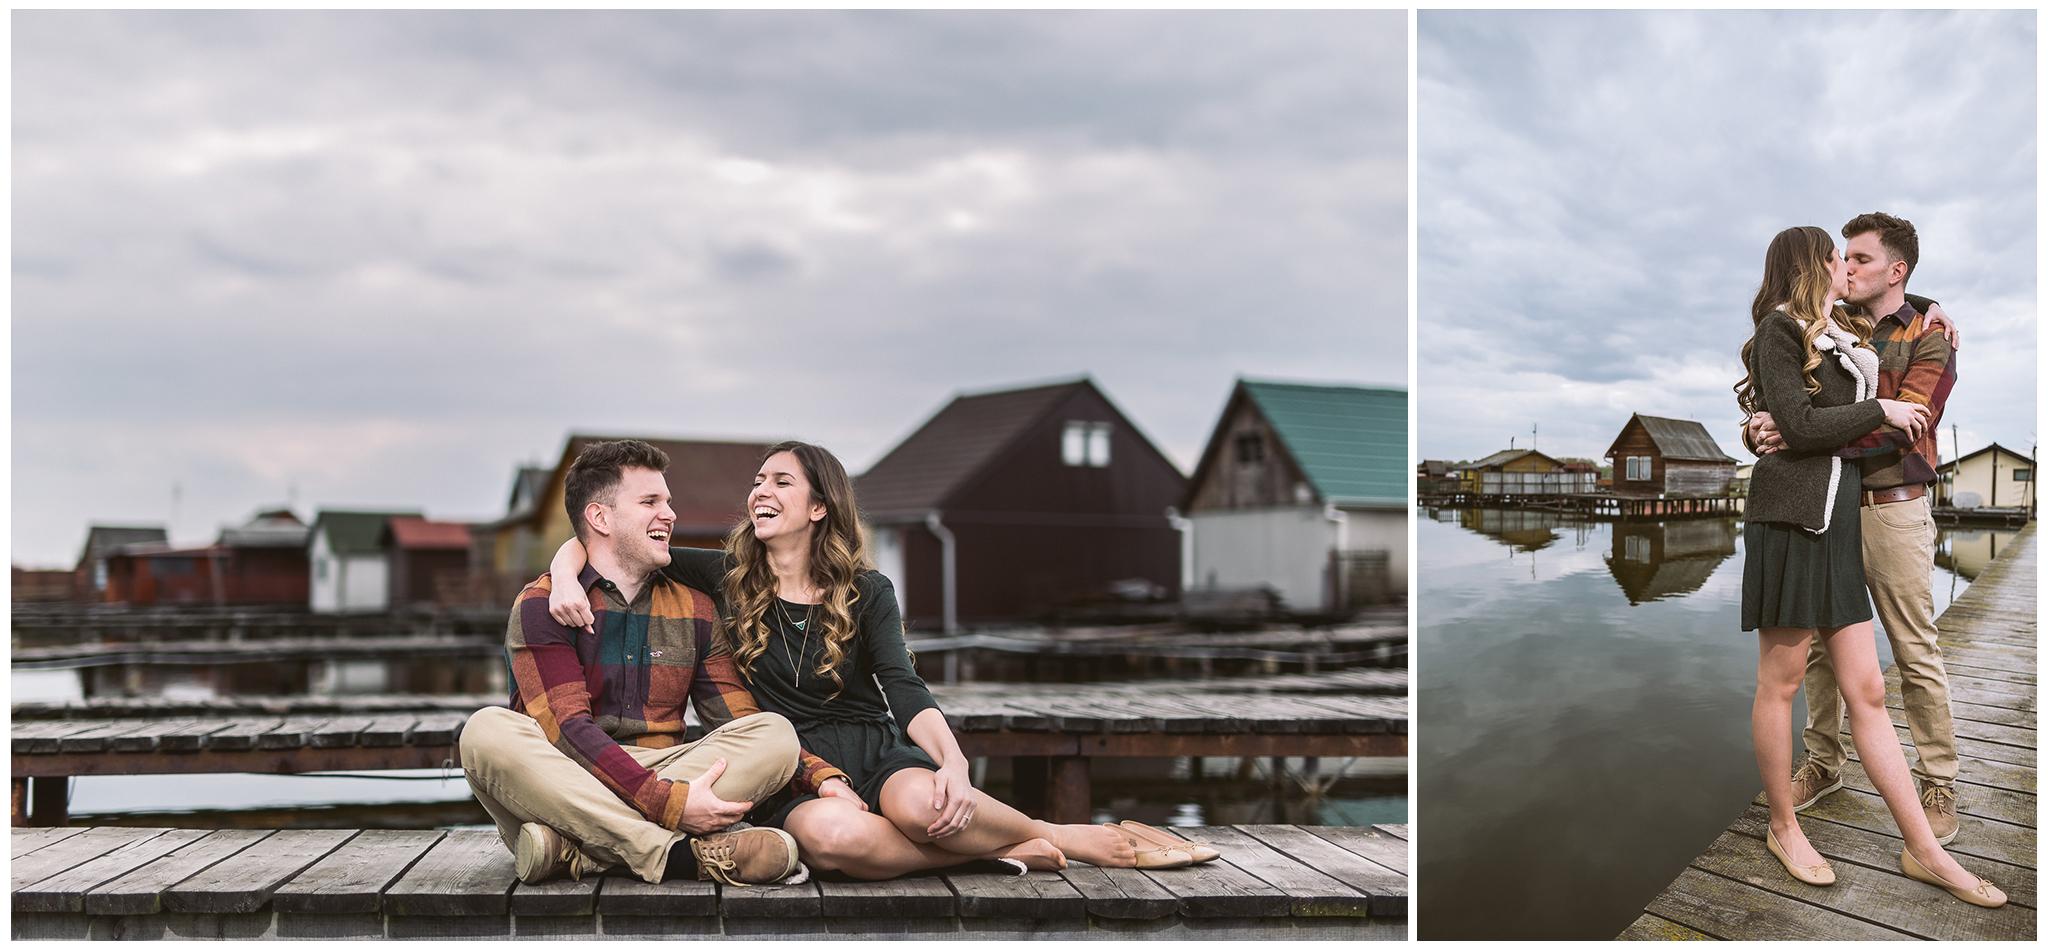 FylepPhoto, esküvőfotózás, magyarország, esküvői fotós, vasmegye, prémium, jegyesfotózás, Fülöp Péter, körmend, kreatív, tihany, Bokod_ 02.jpg